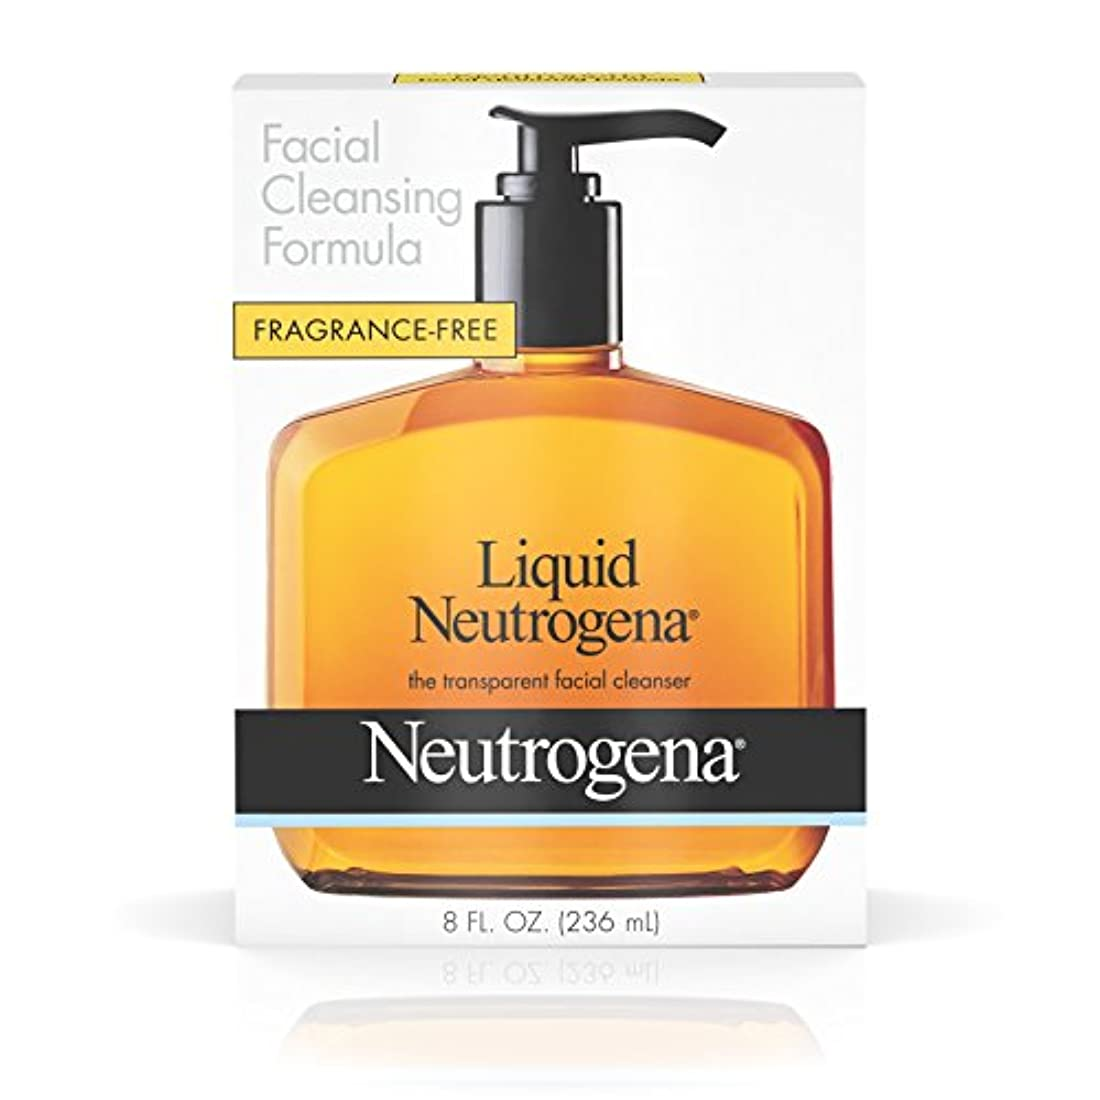 犠牲成熟ジュニアNeutrogena 液体洗顔式、8フロリダ。オンス